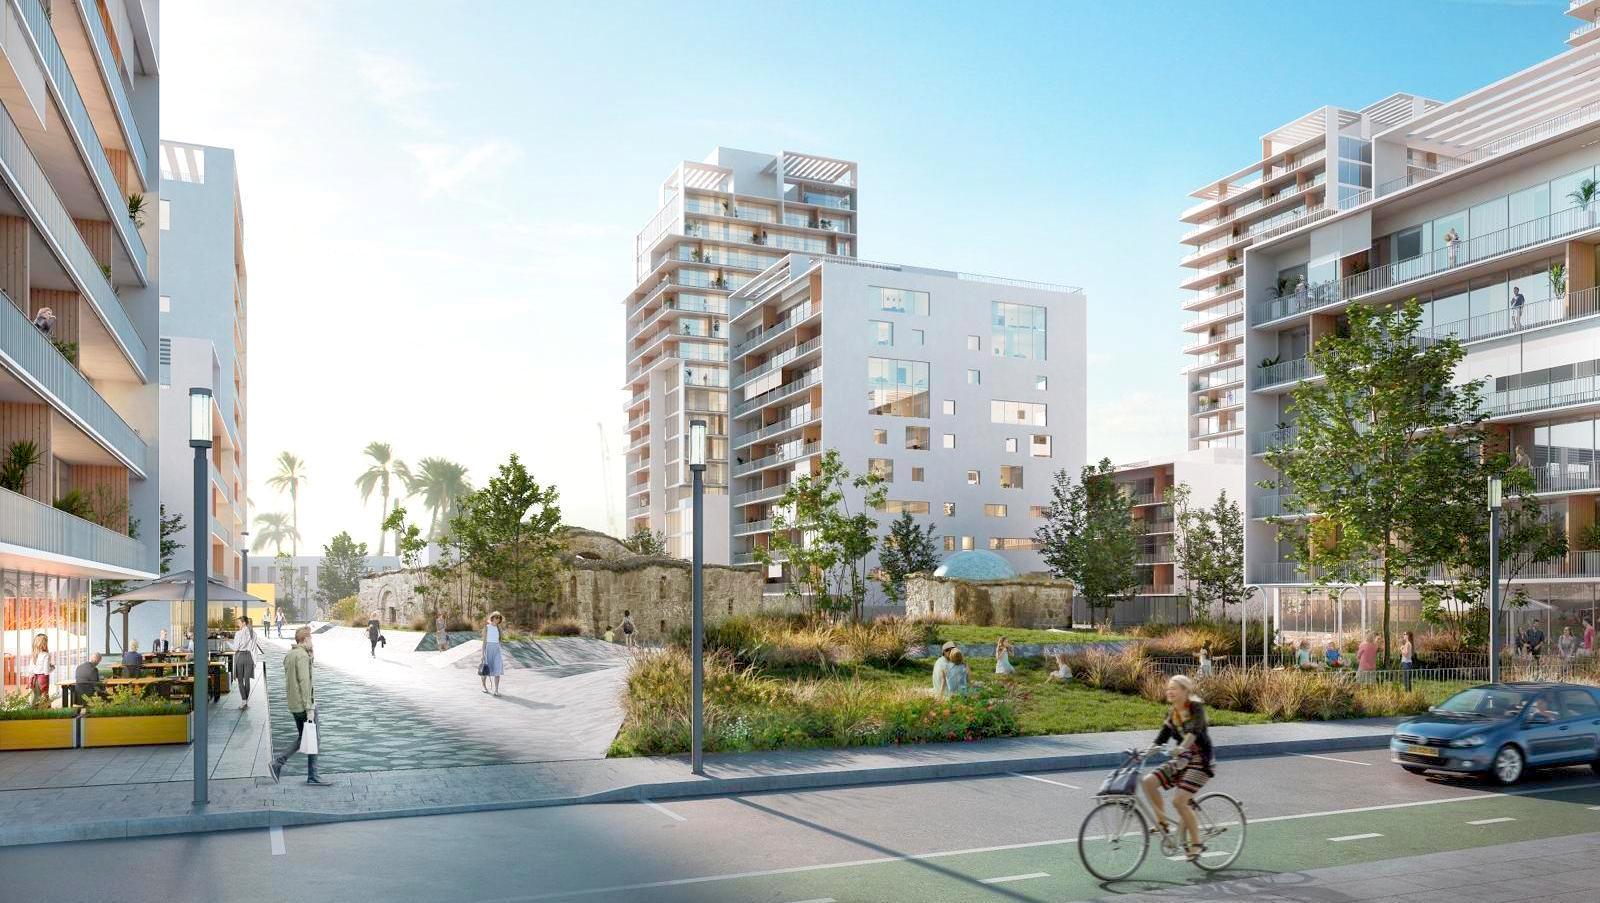 הדמיית הפרוייקט ורחוב טיפוסי בתוכנית בית הקשתות ברמת אשכול. דרמן ורבקל אדריכלות